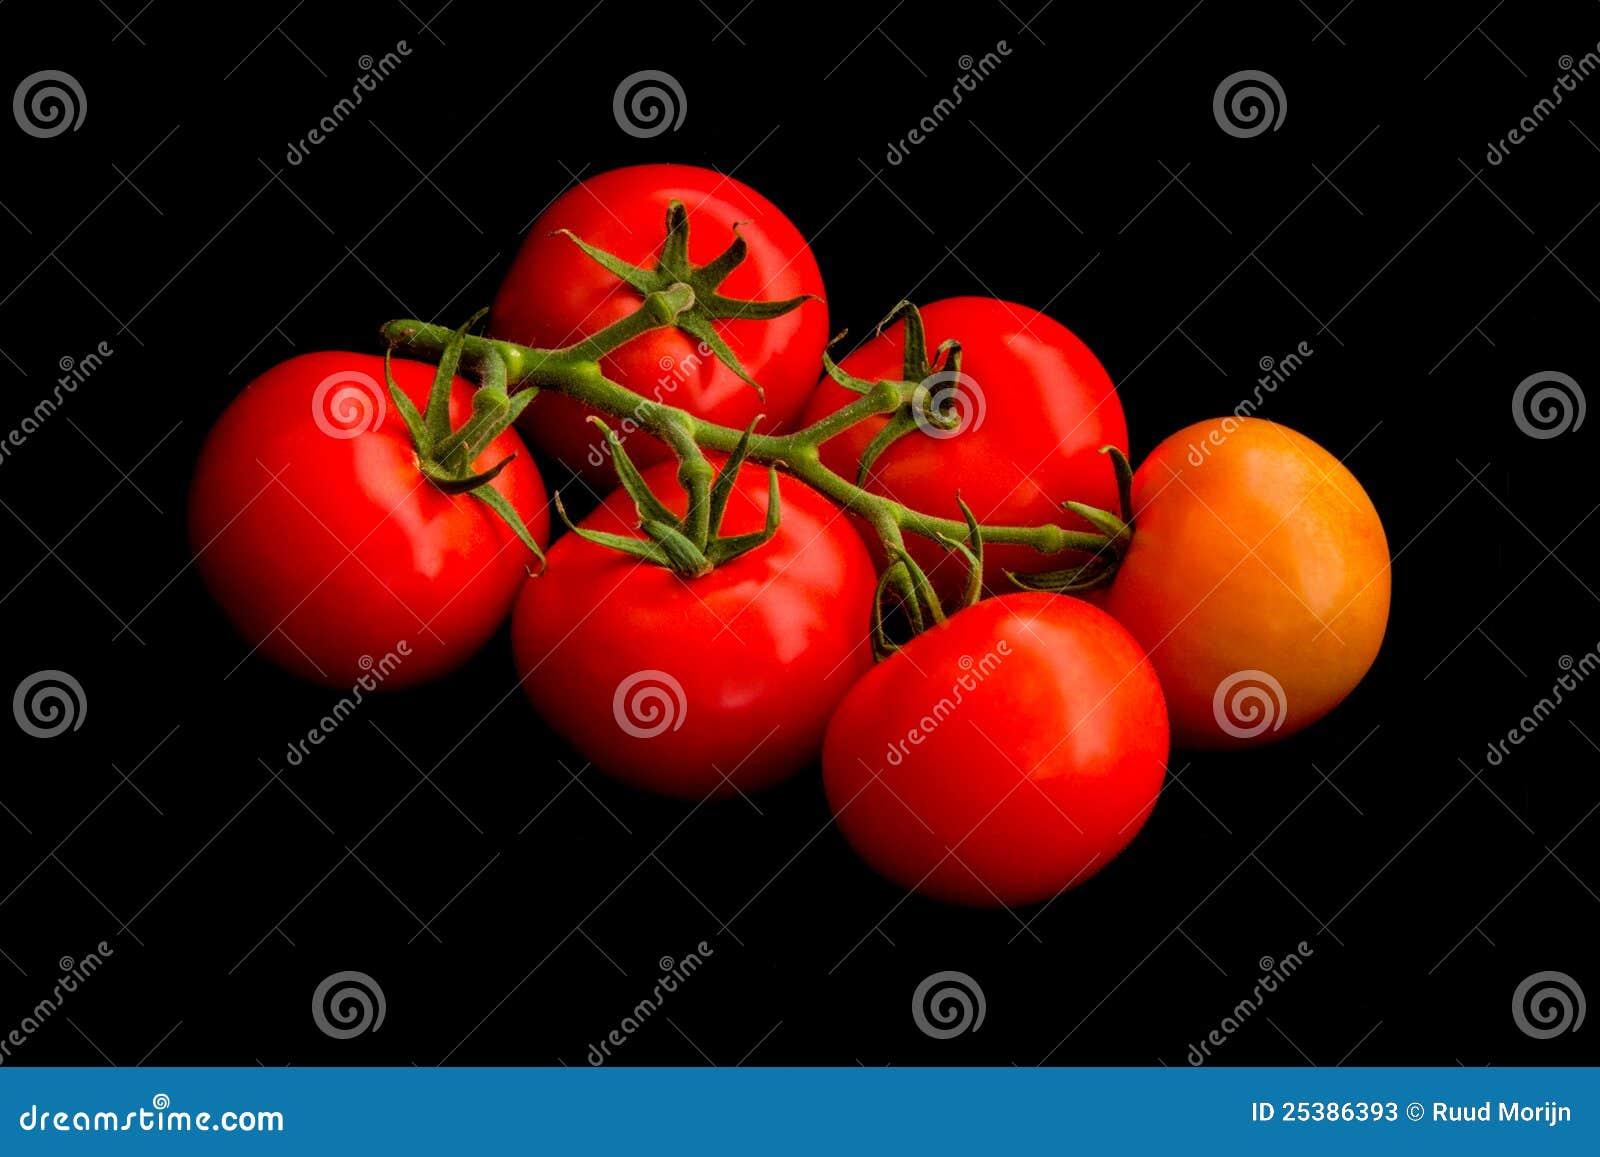 Vine tomatoes on black